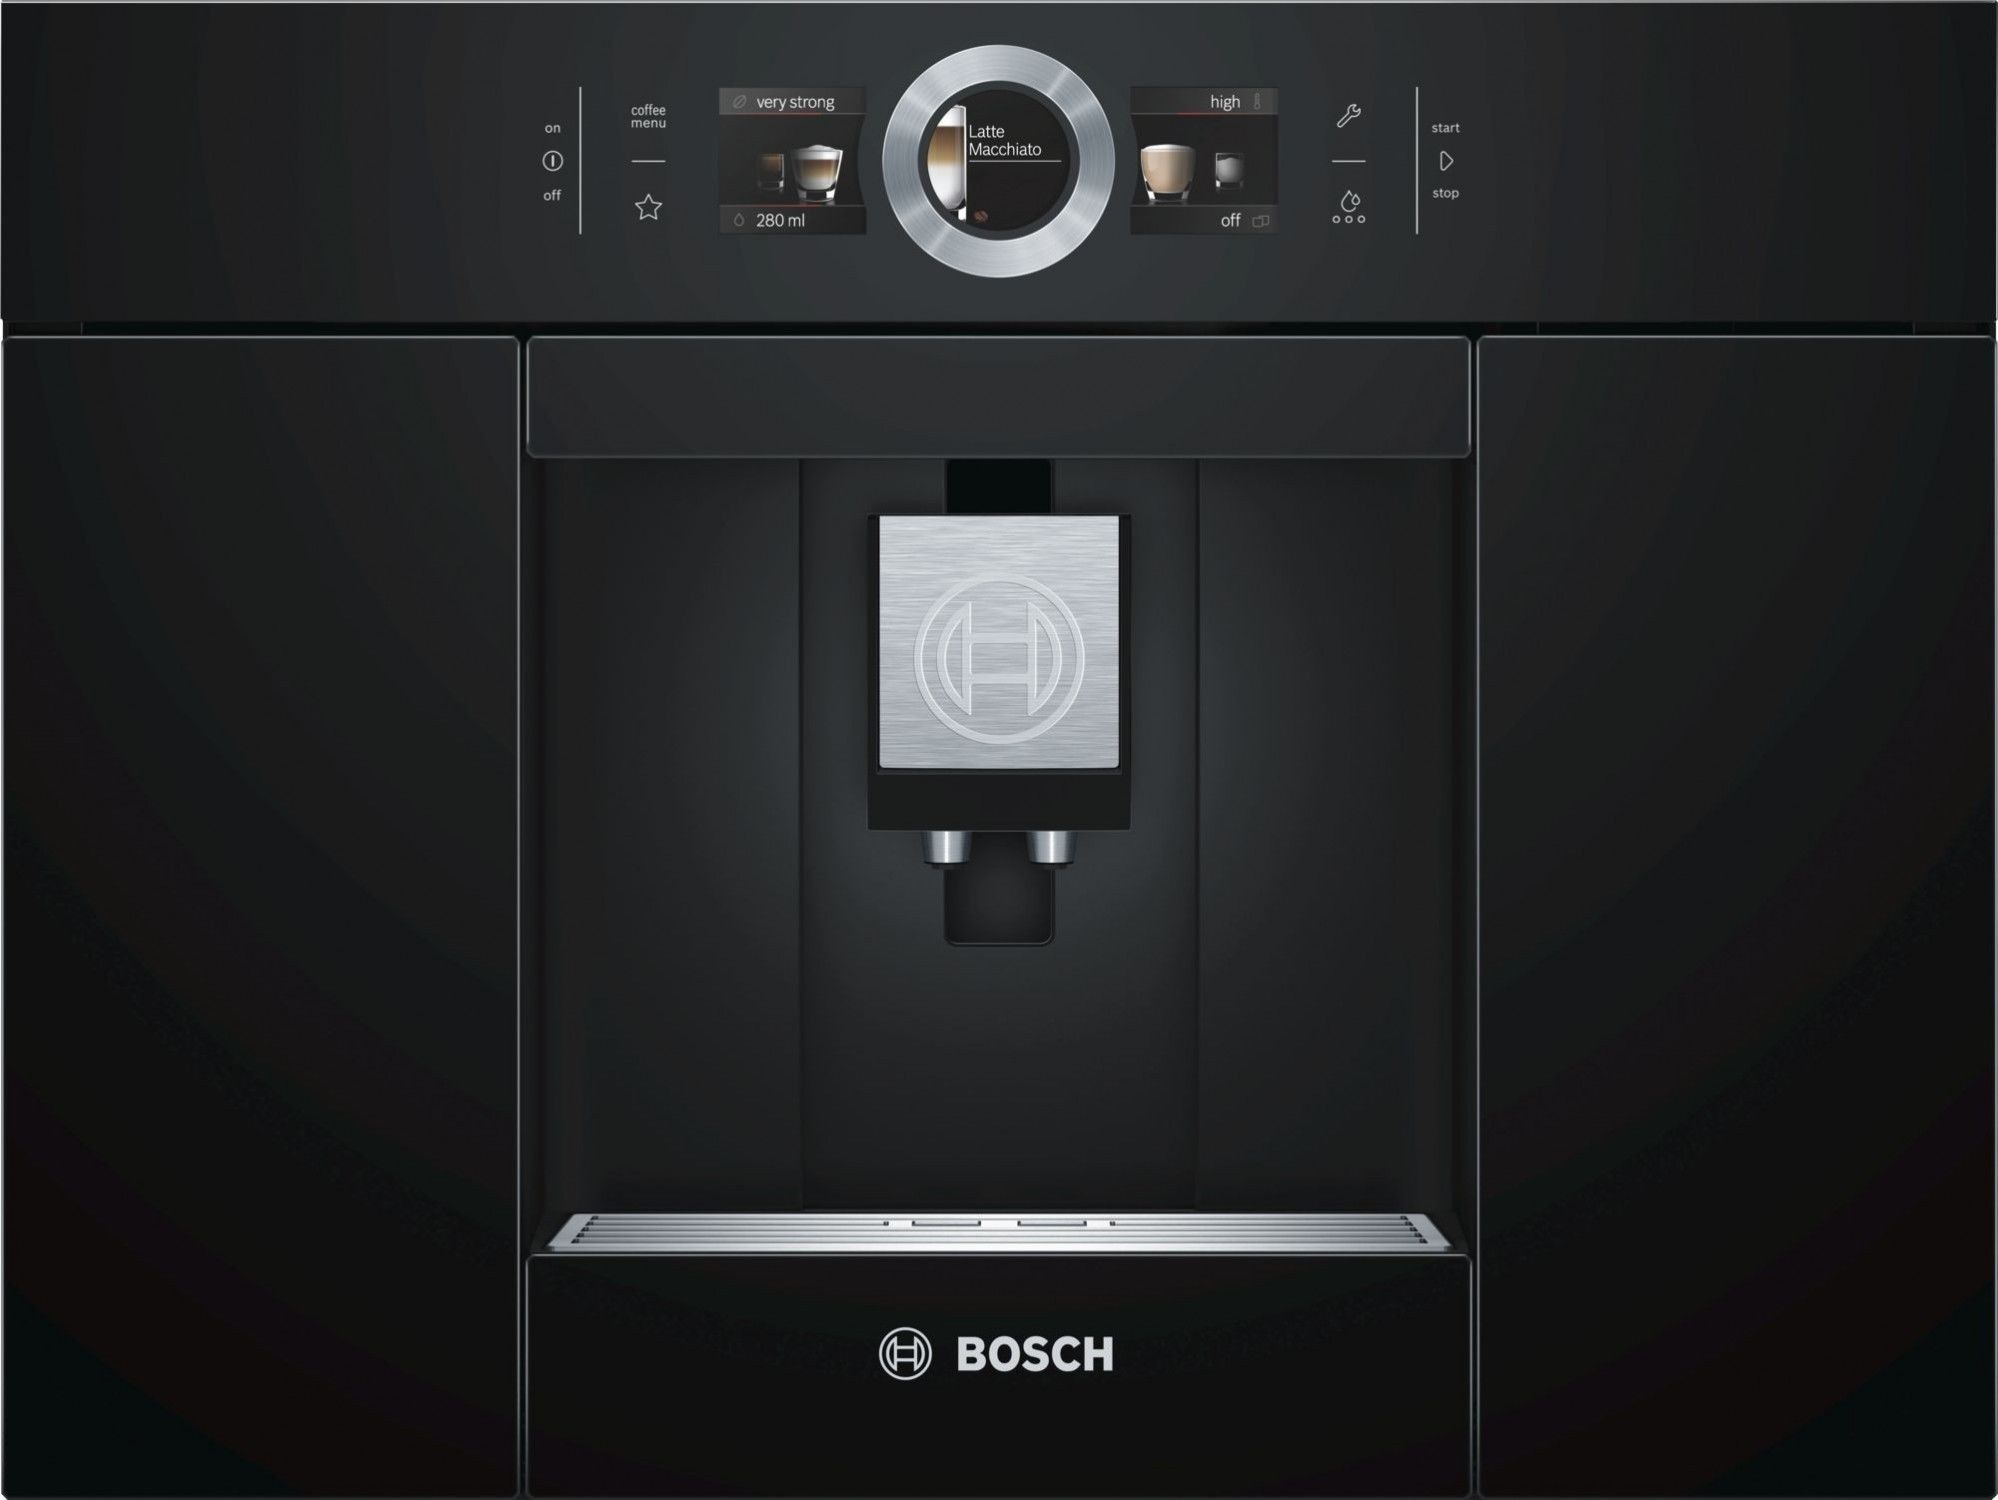 Ekspres Bosch CTL636EB6, I tel. (22) 266 82 20 I Raty 0 % I kto pyta płaci mniej I Płatności online !